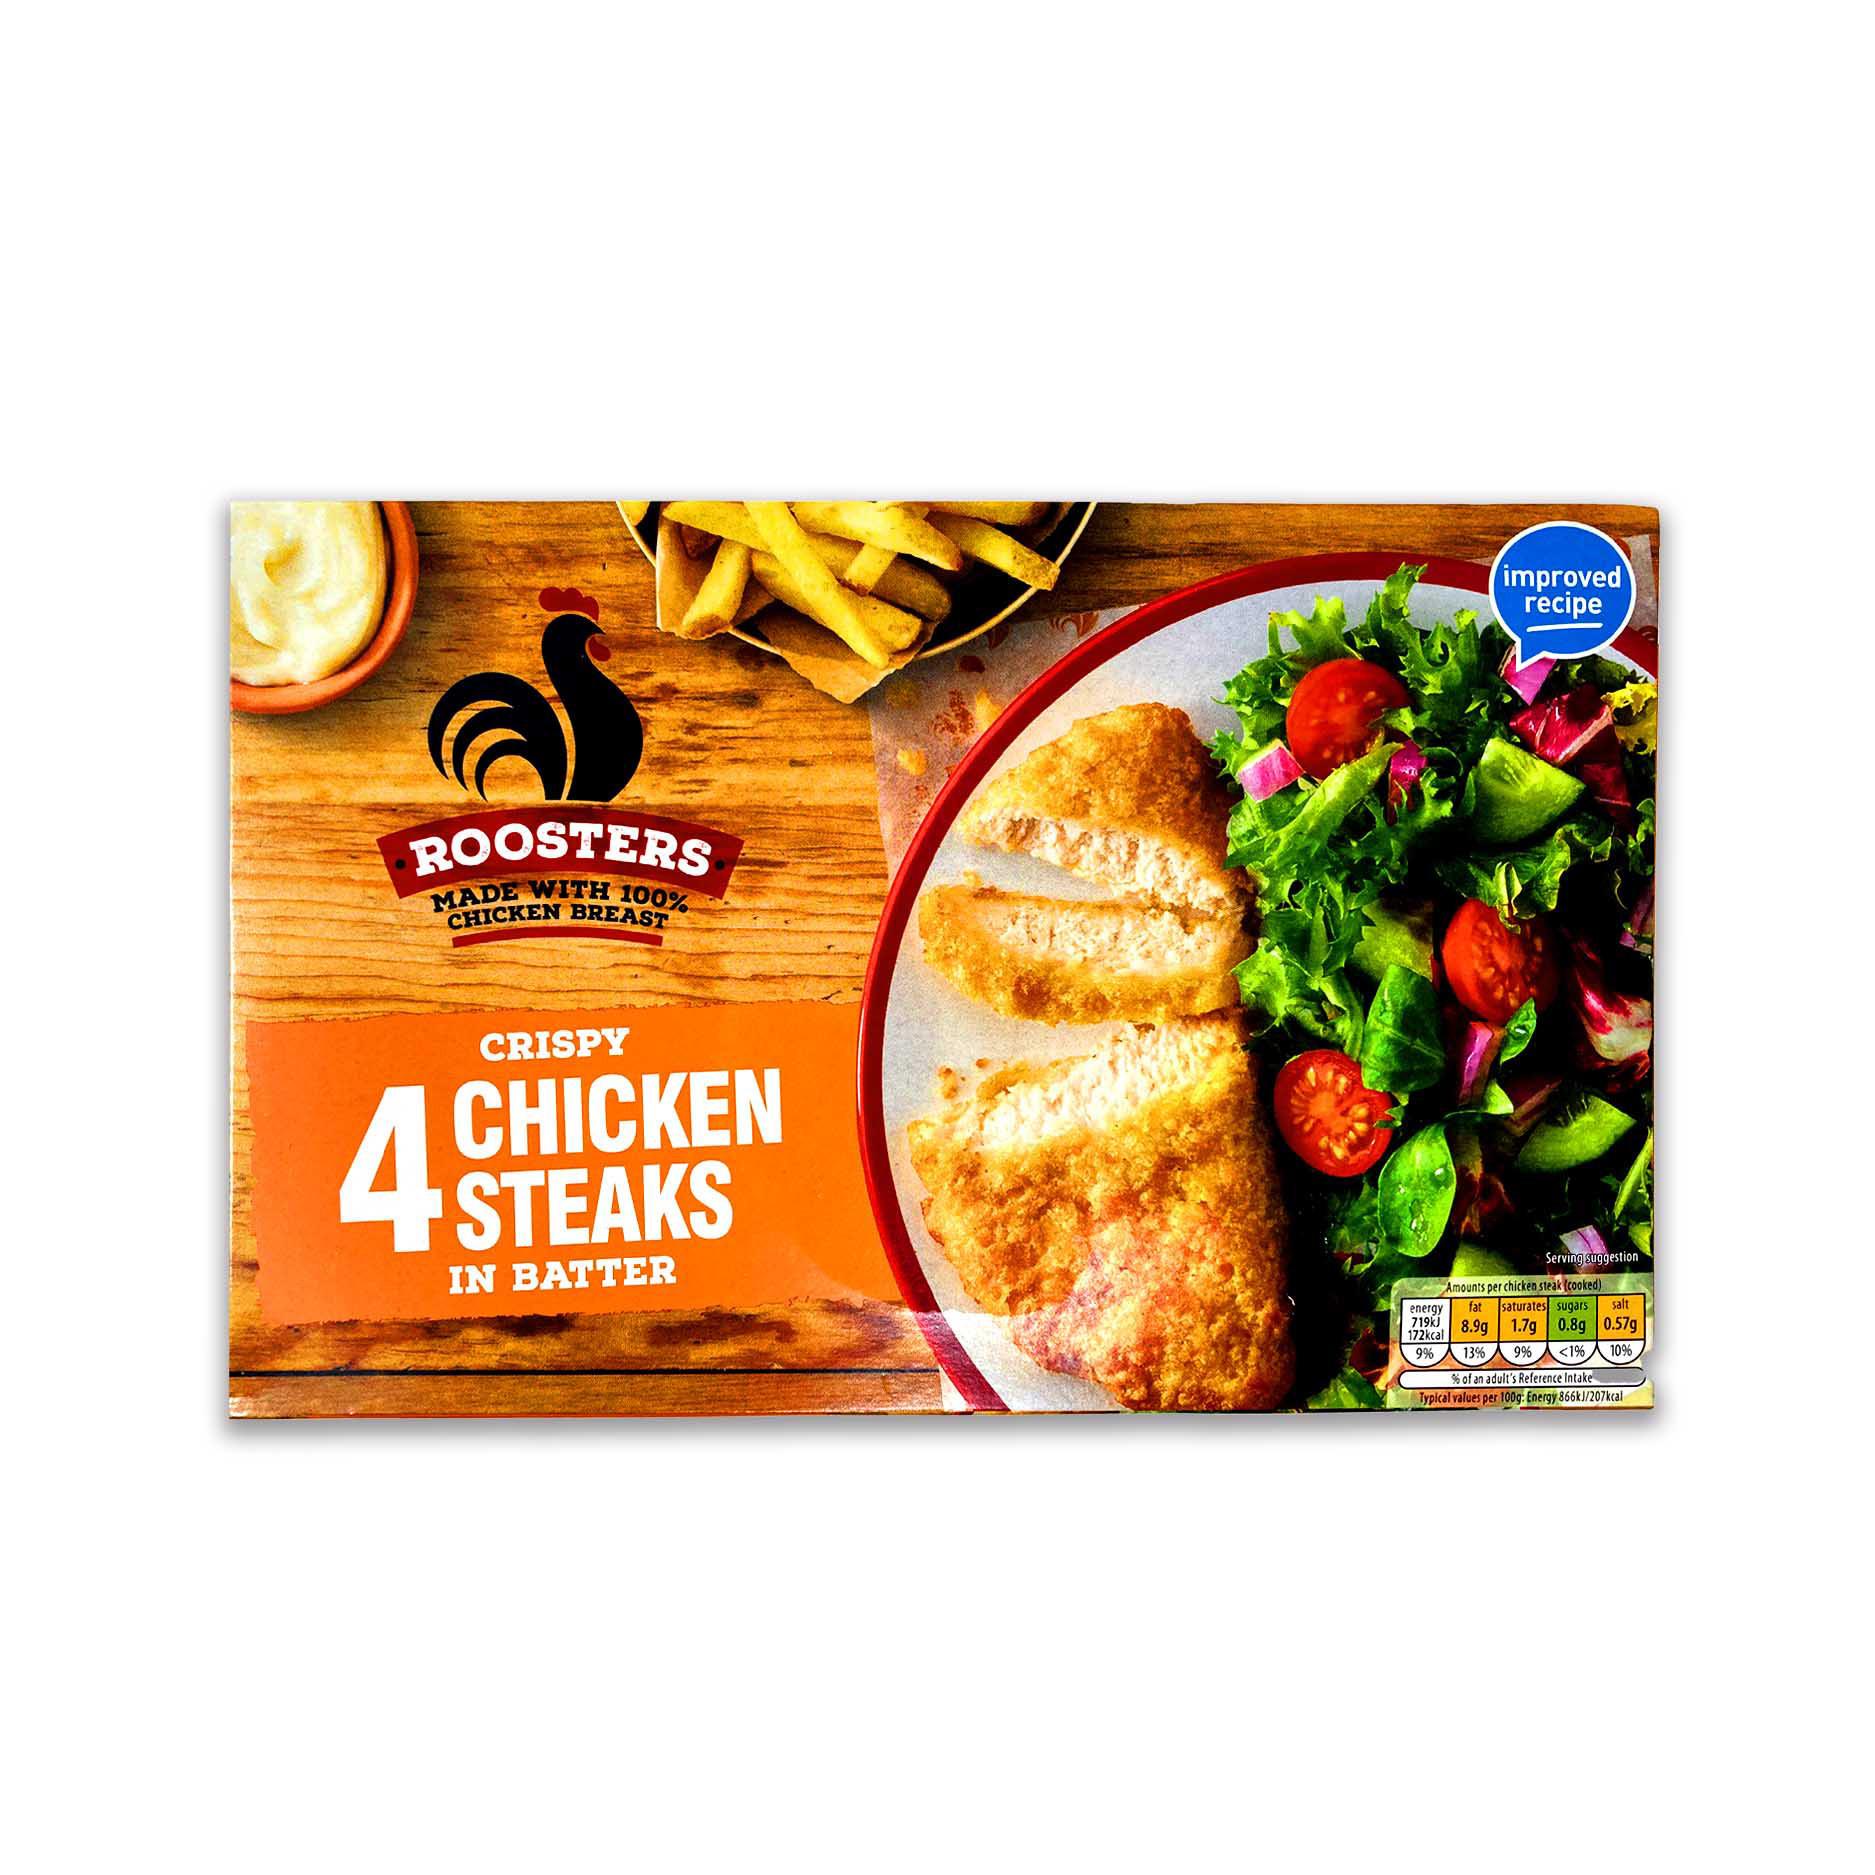 4 Crispy Chicken Steaks In Batter